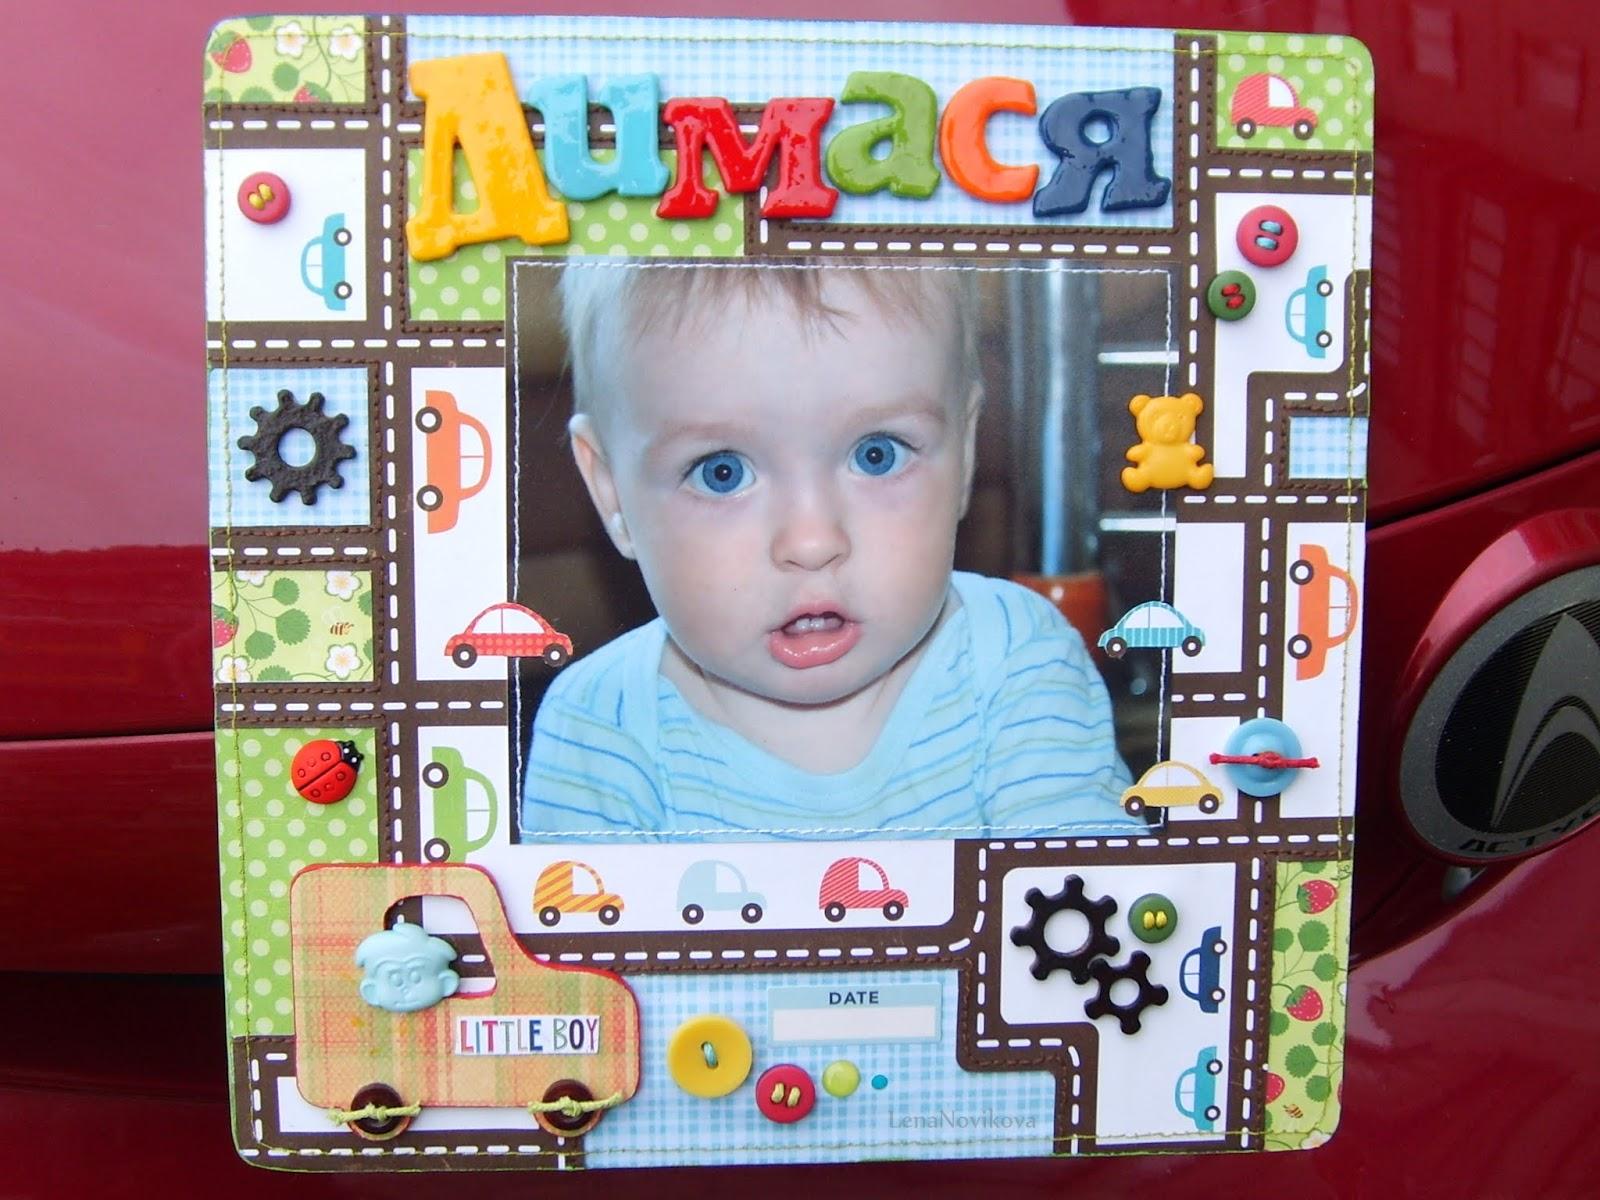 детская фоторамка, скрапбукинг, для мальчика, альбомы ручной работы